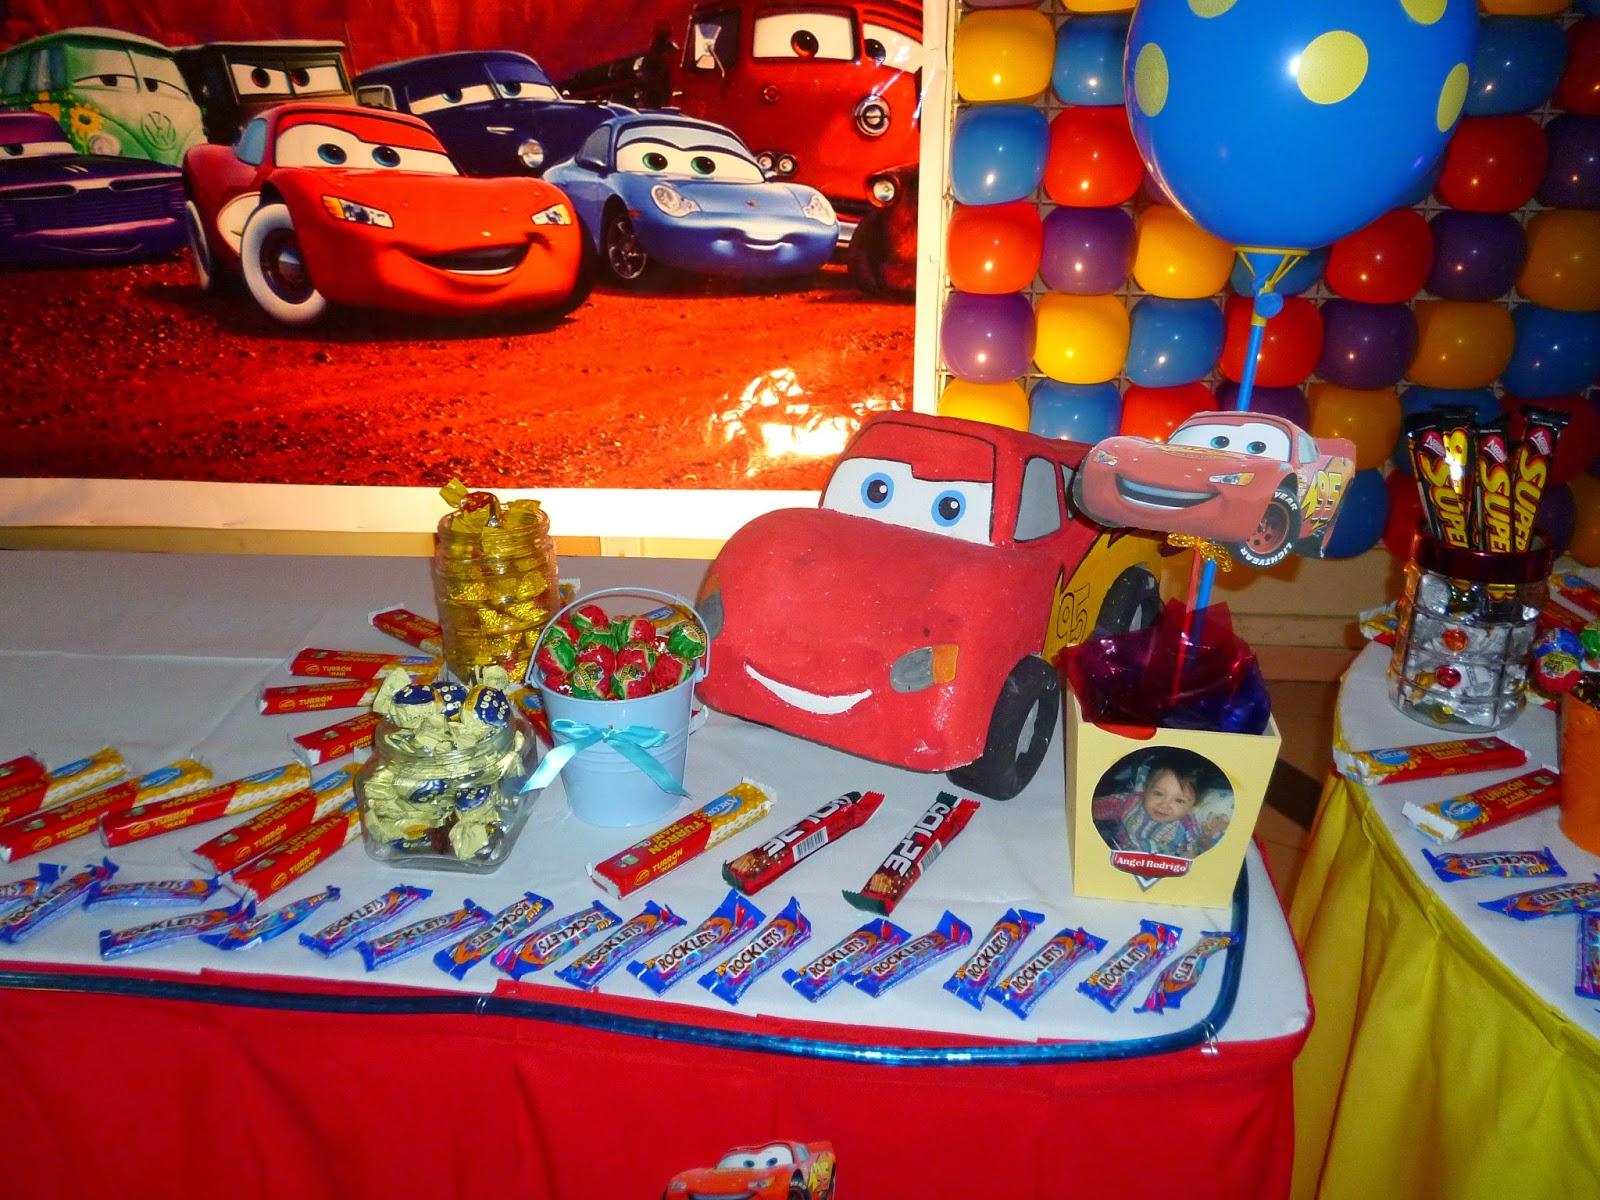 M 225 s de 1000 ideas sobre decoraciones de fiesta de safari en pinterest - Y Ahora Ahora Echa Un Vistazo A Algunas Fotos De Decoraci N Fiesta De Cars Realizado Por Ensue Os Decoraciones